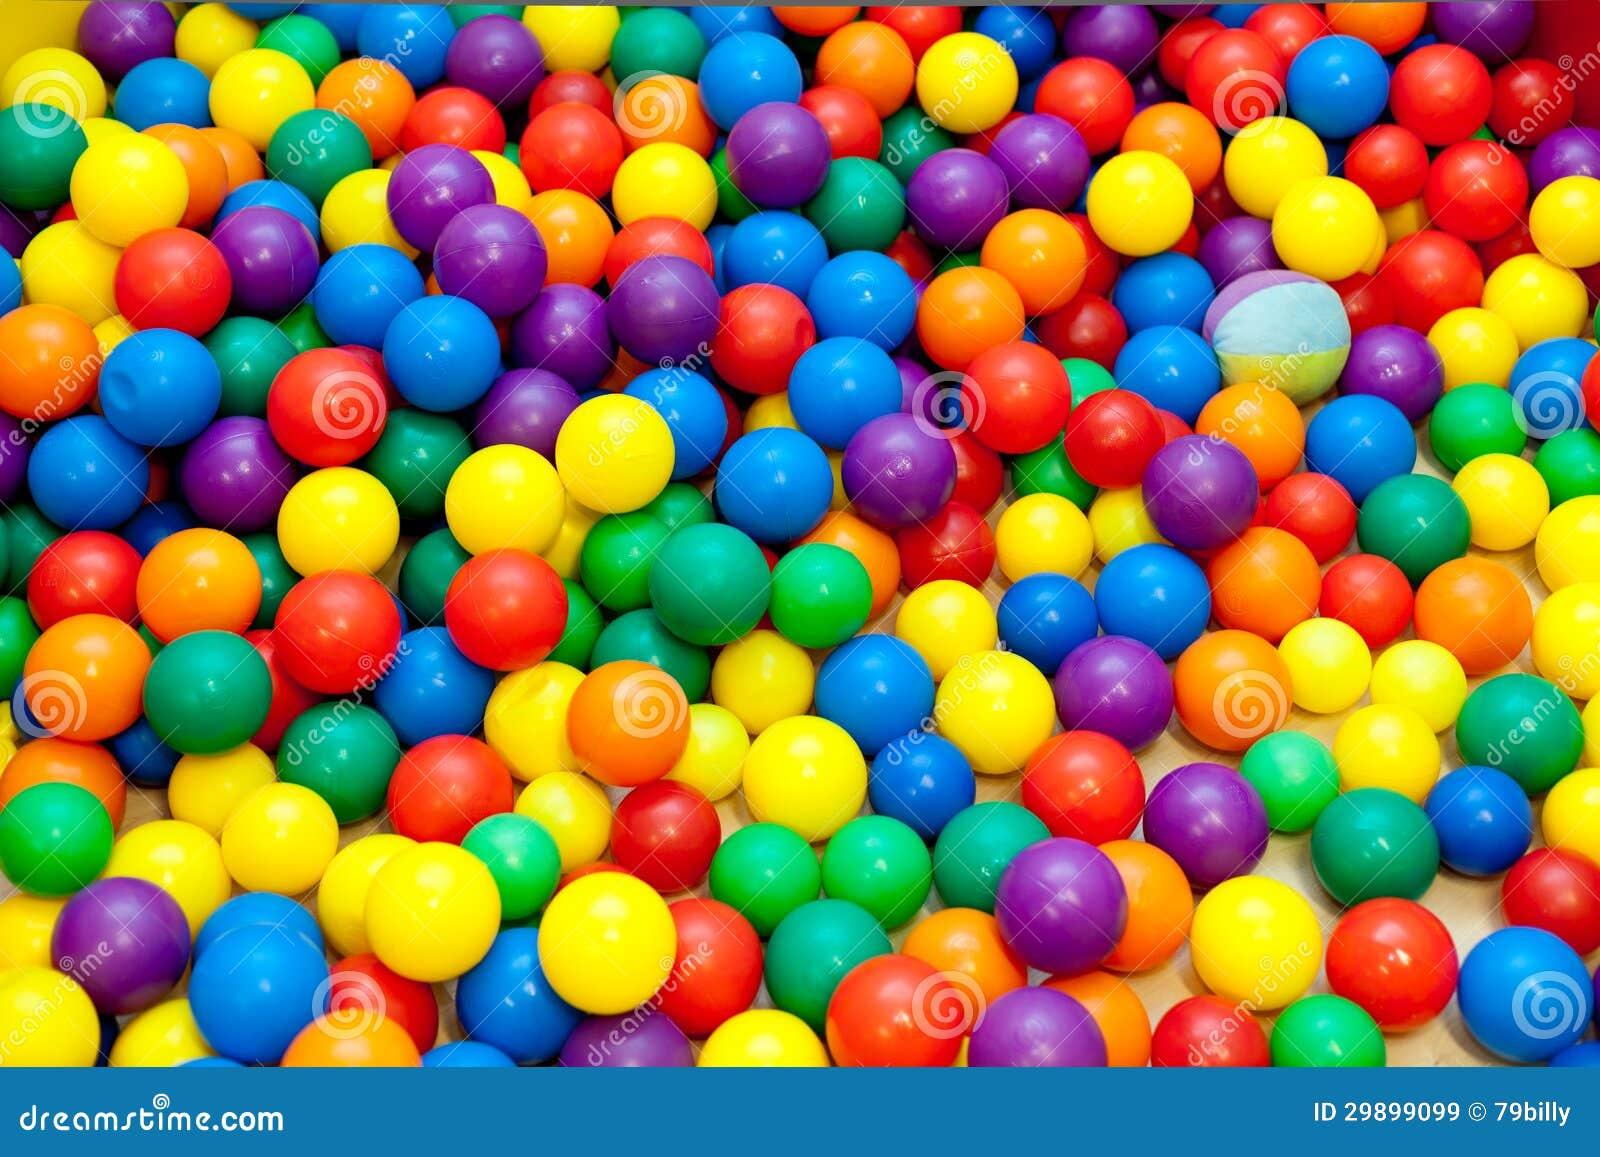 Bolas coloridas imagem de stock imagem de textura for Bolas para piscina de bolas